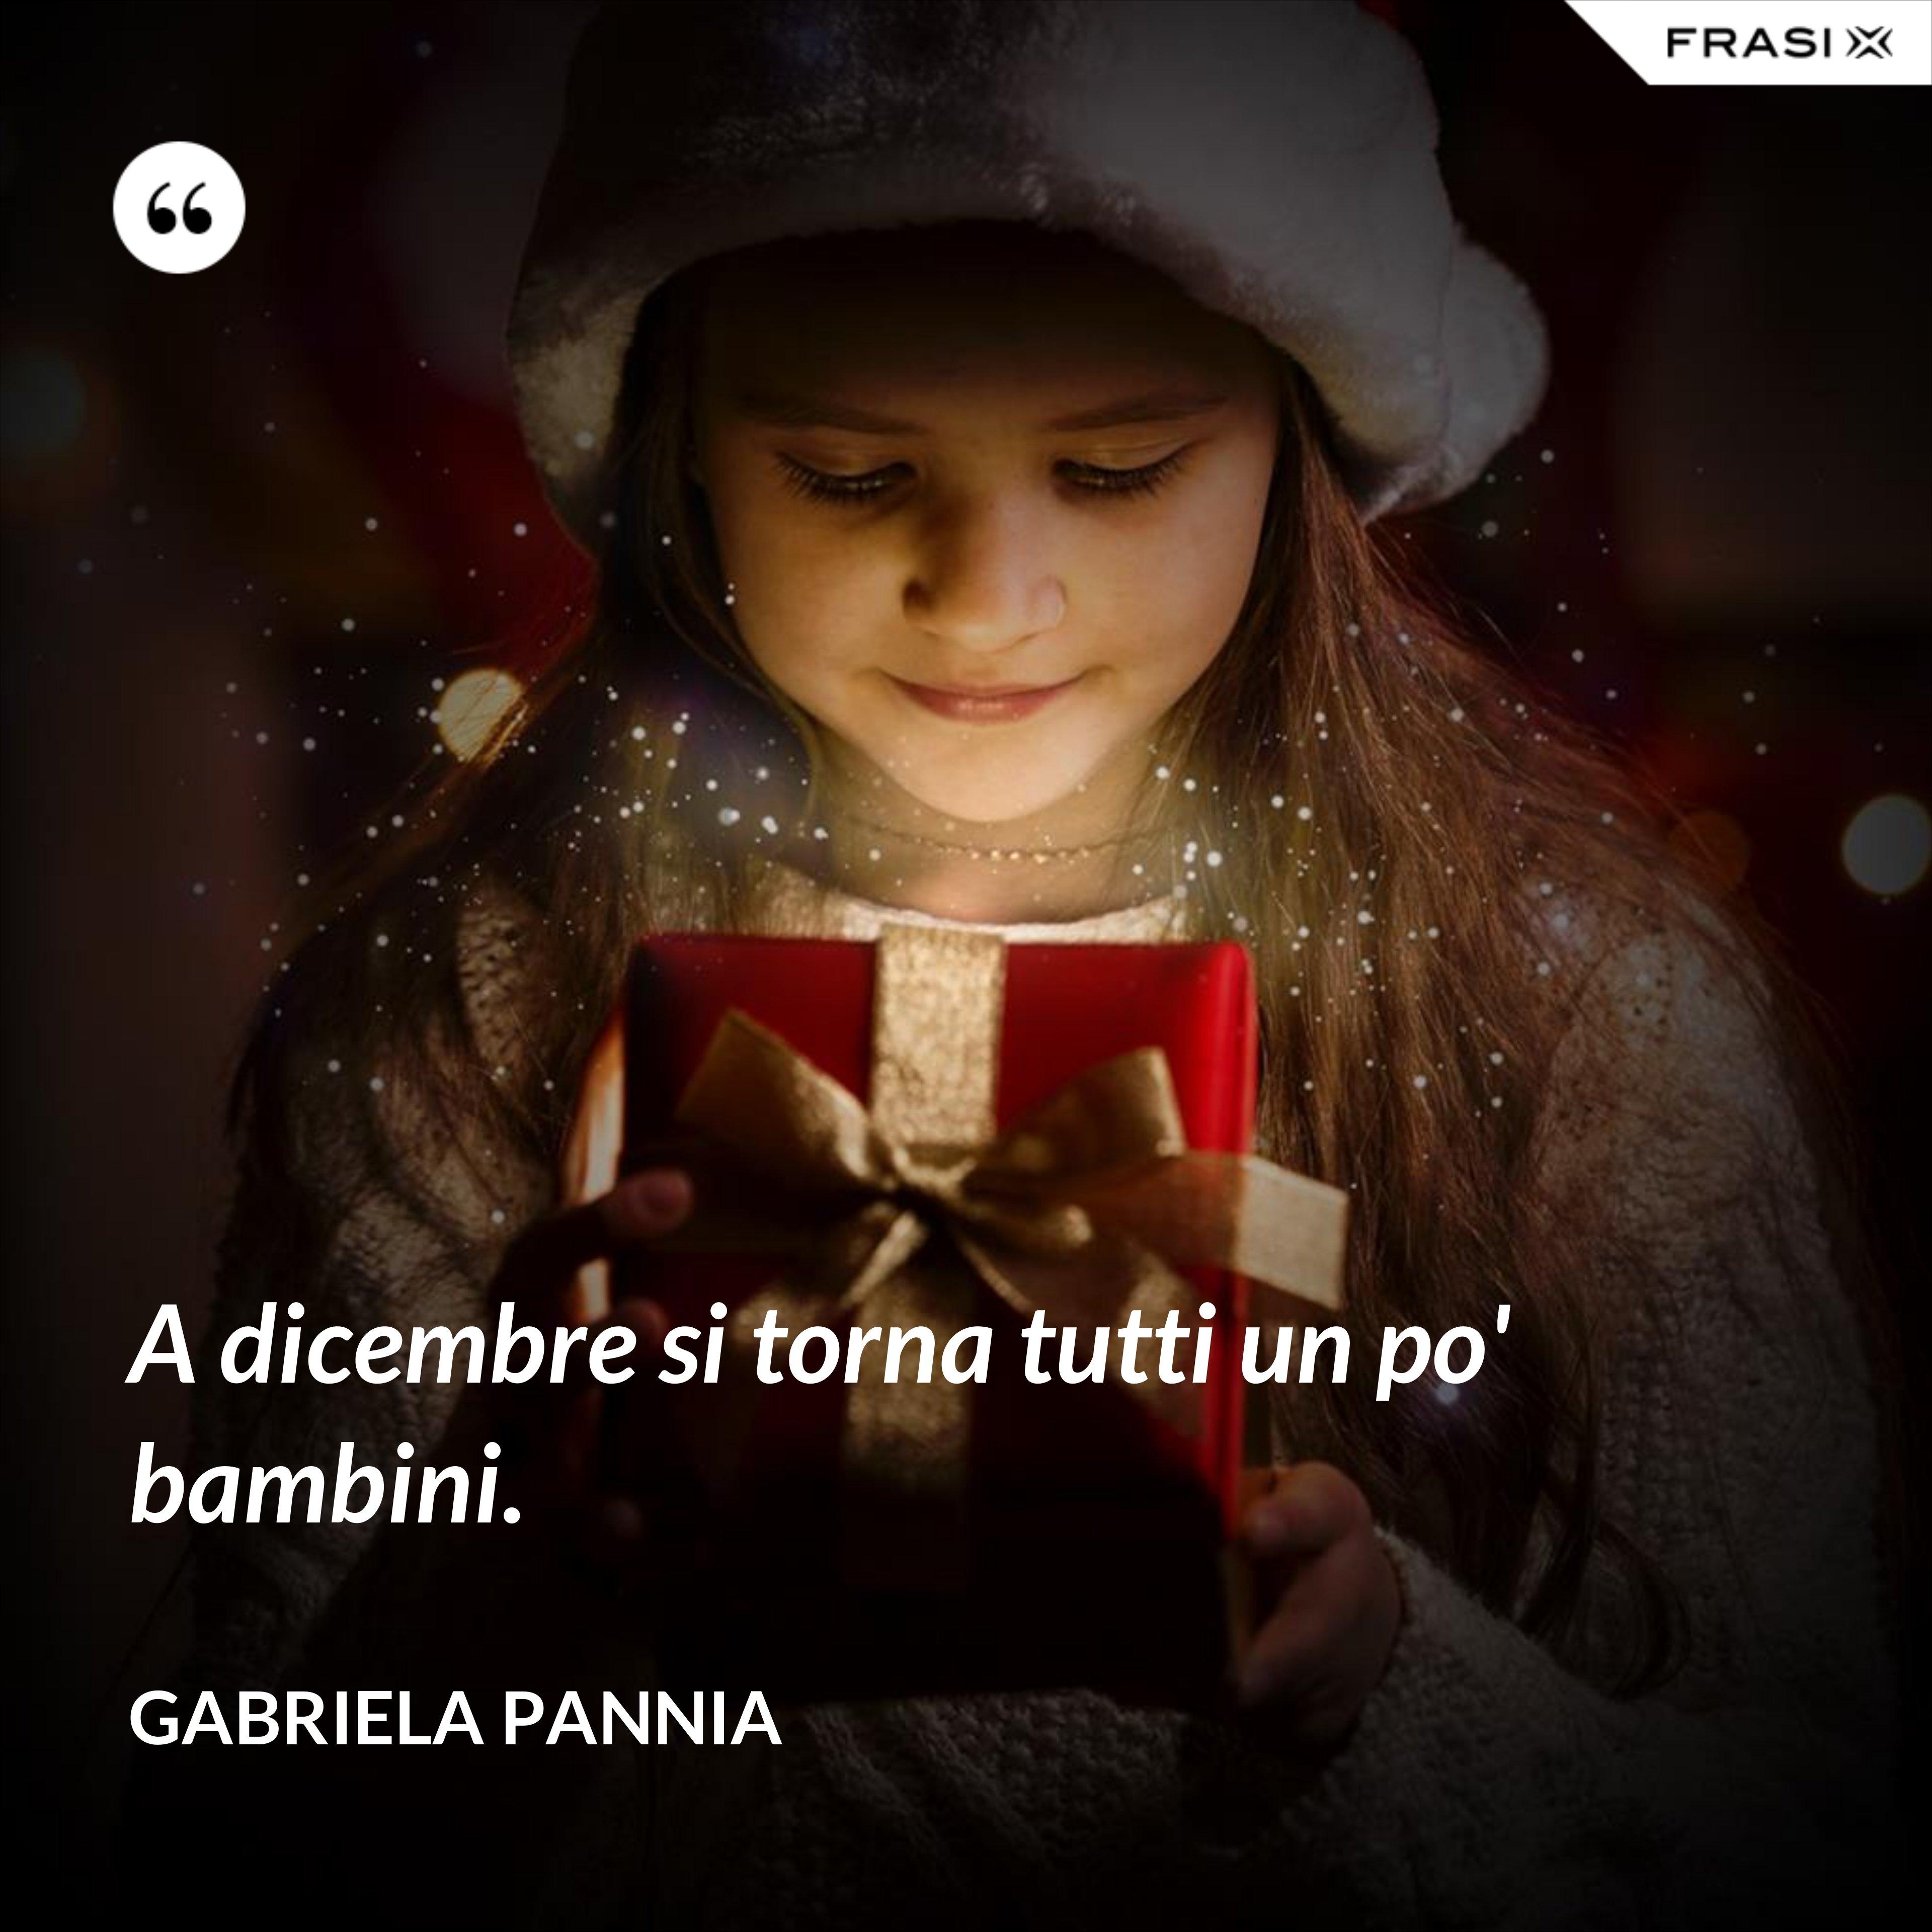 A dicembre si torna tutti un po' bambini. - Gabriela Pannia